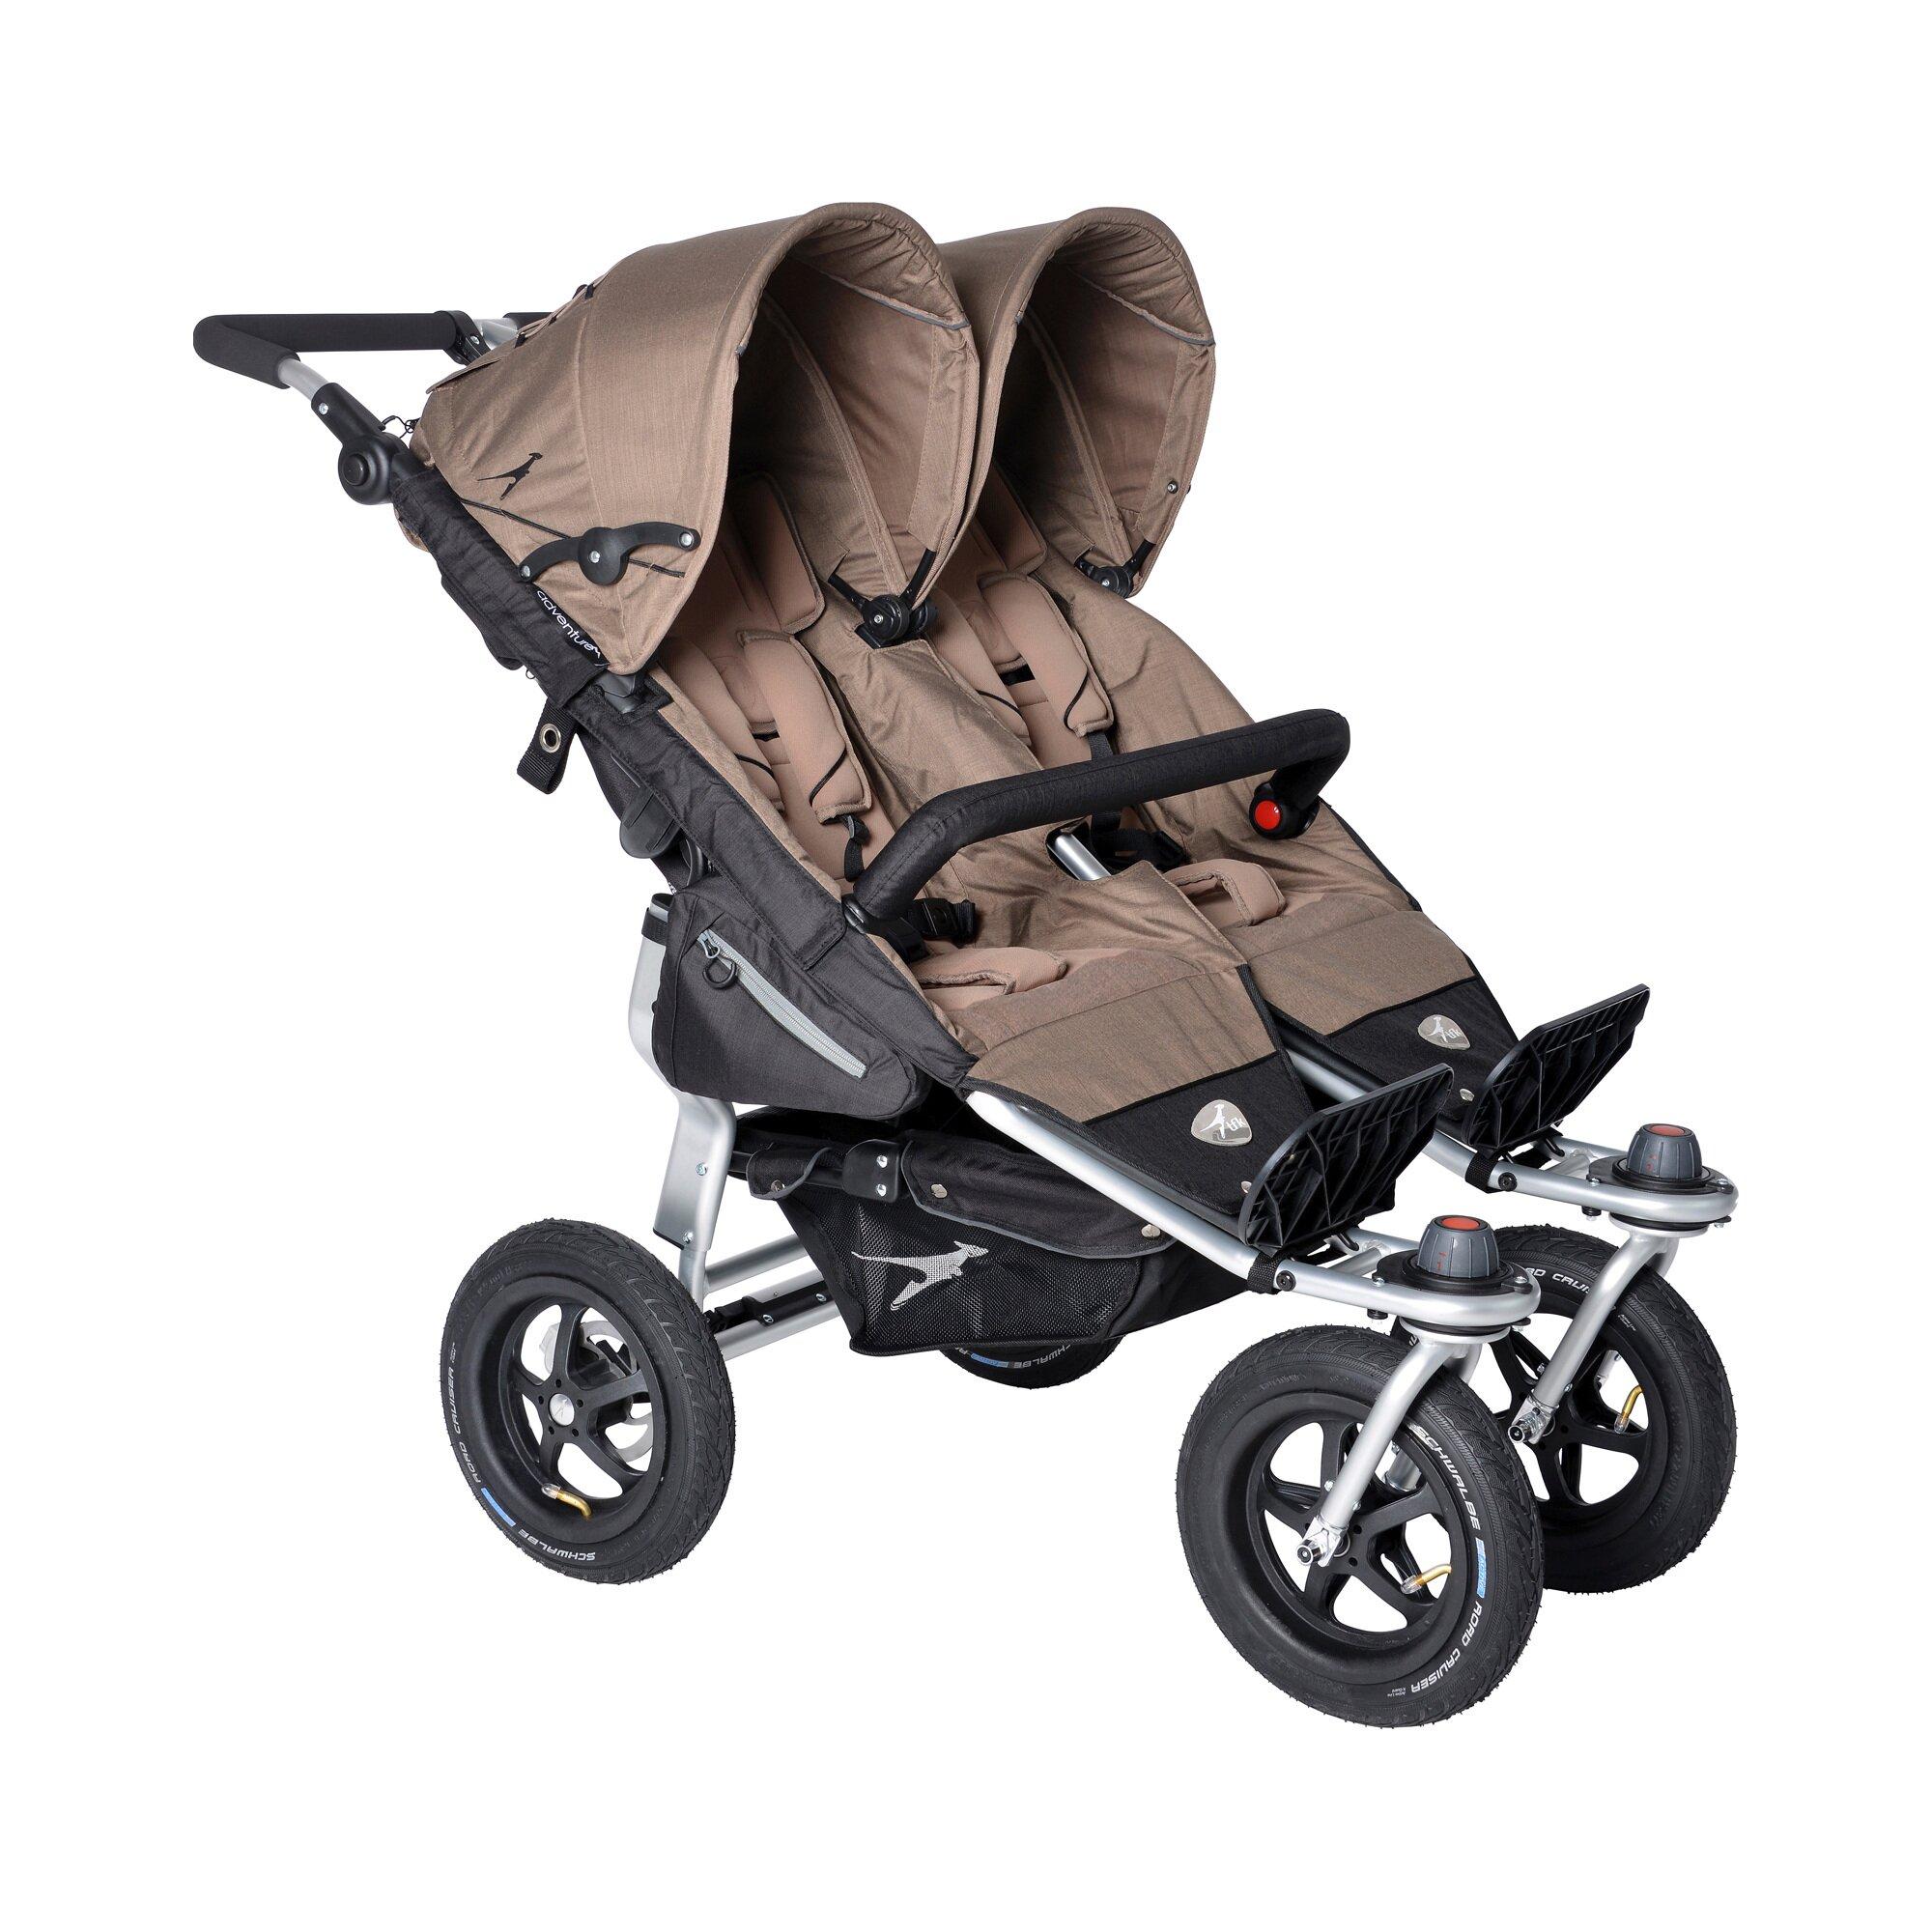 tfk-twin-adventure-kinderwagen-zwillingswagen-mehrfarbig, 635.99 EUR @ babywalz-de